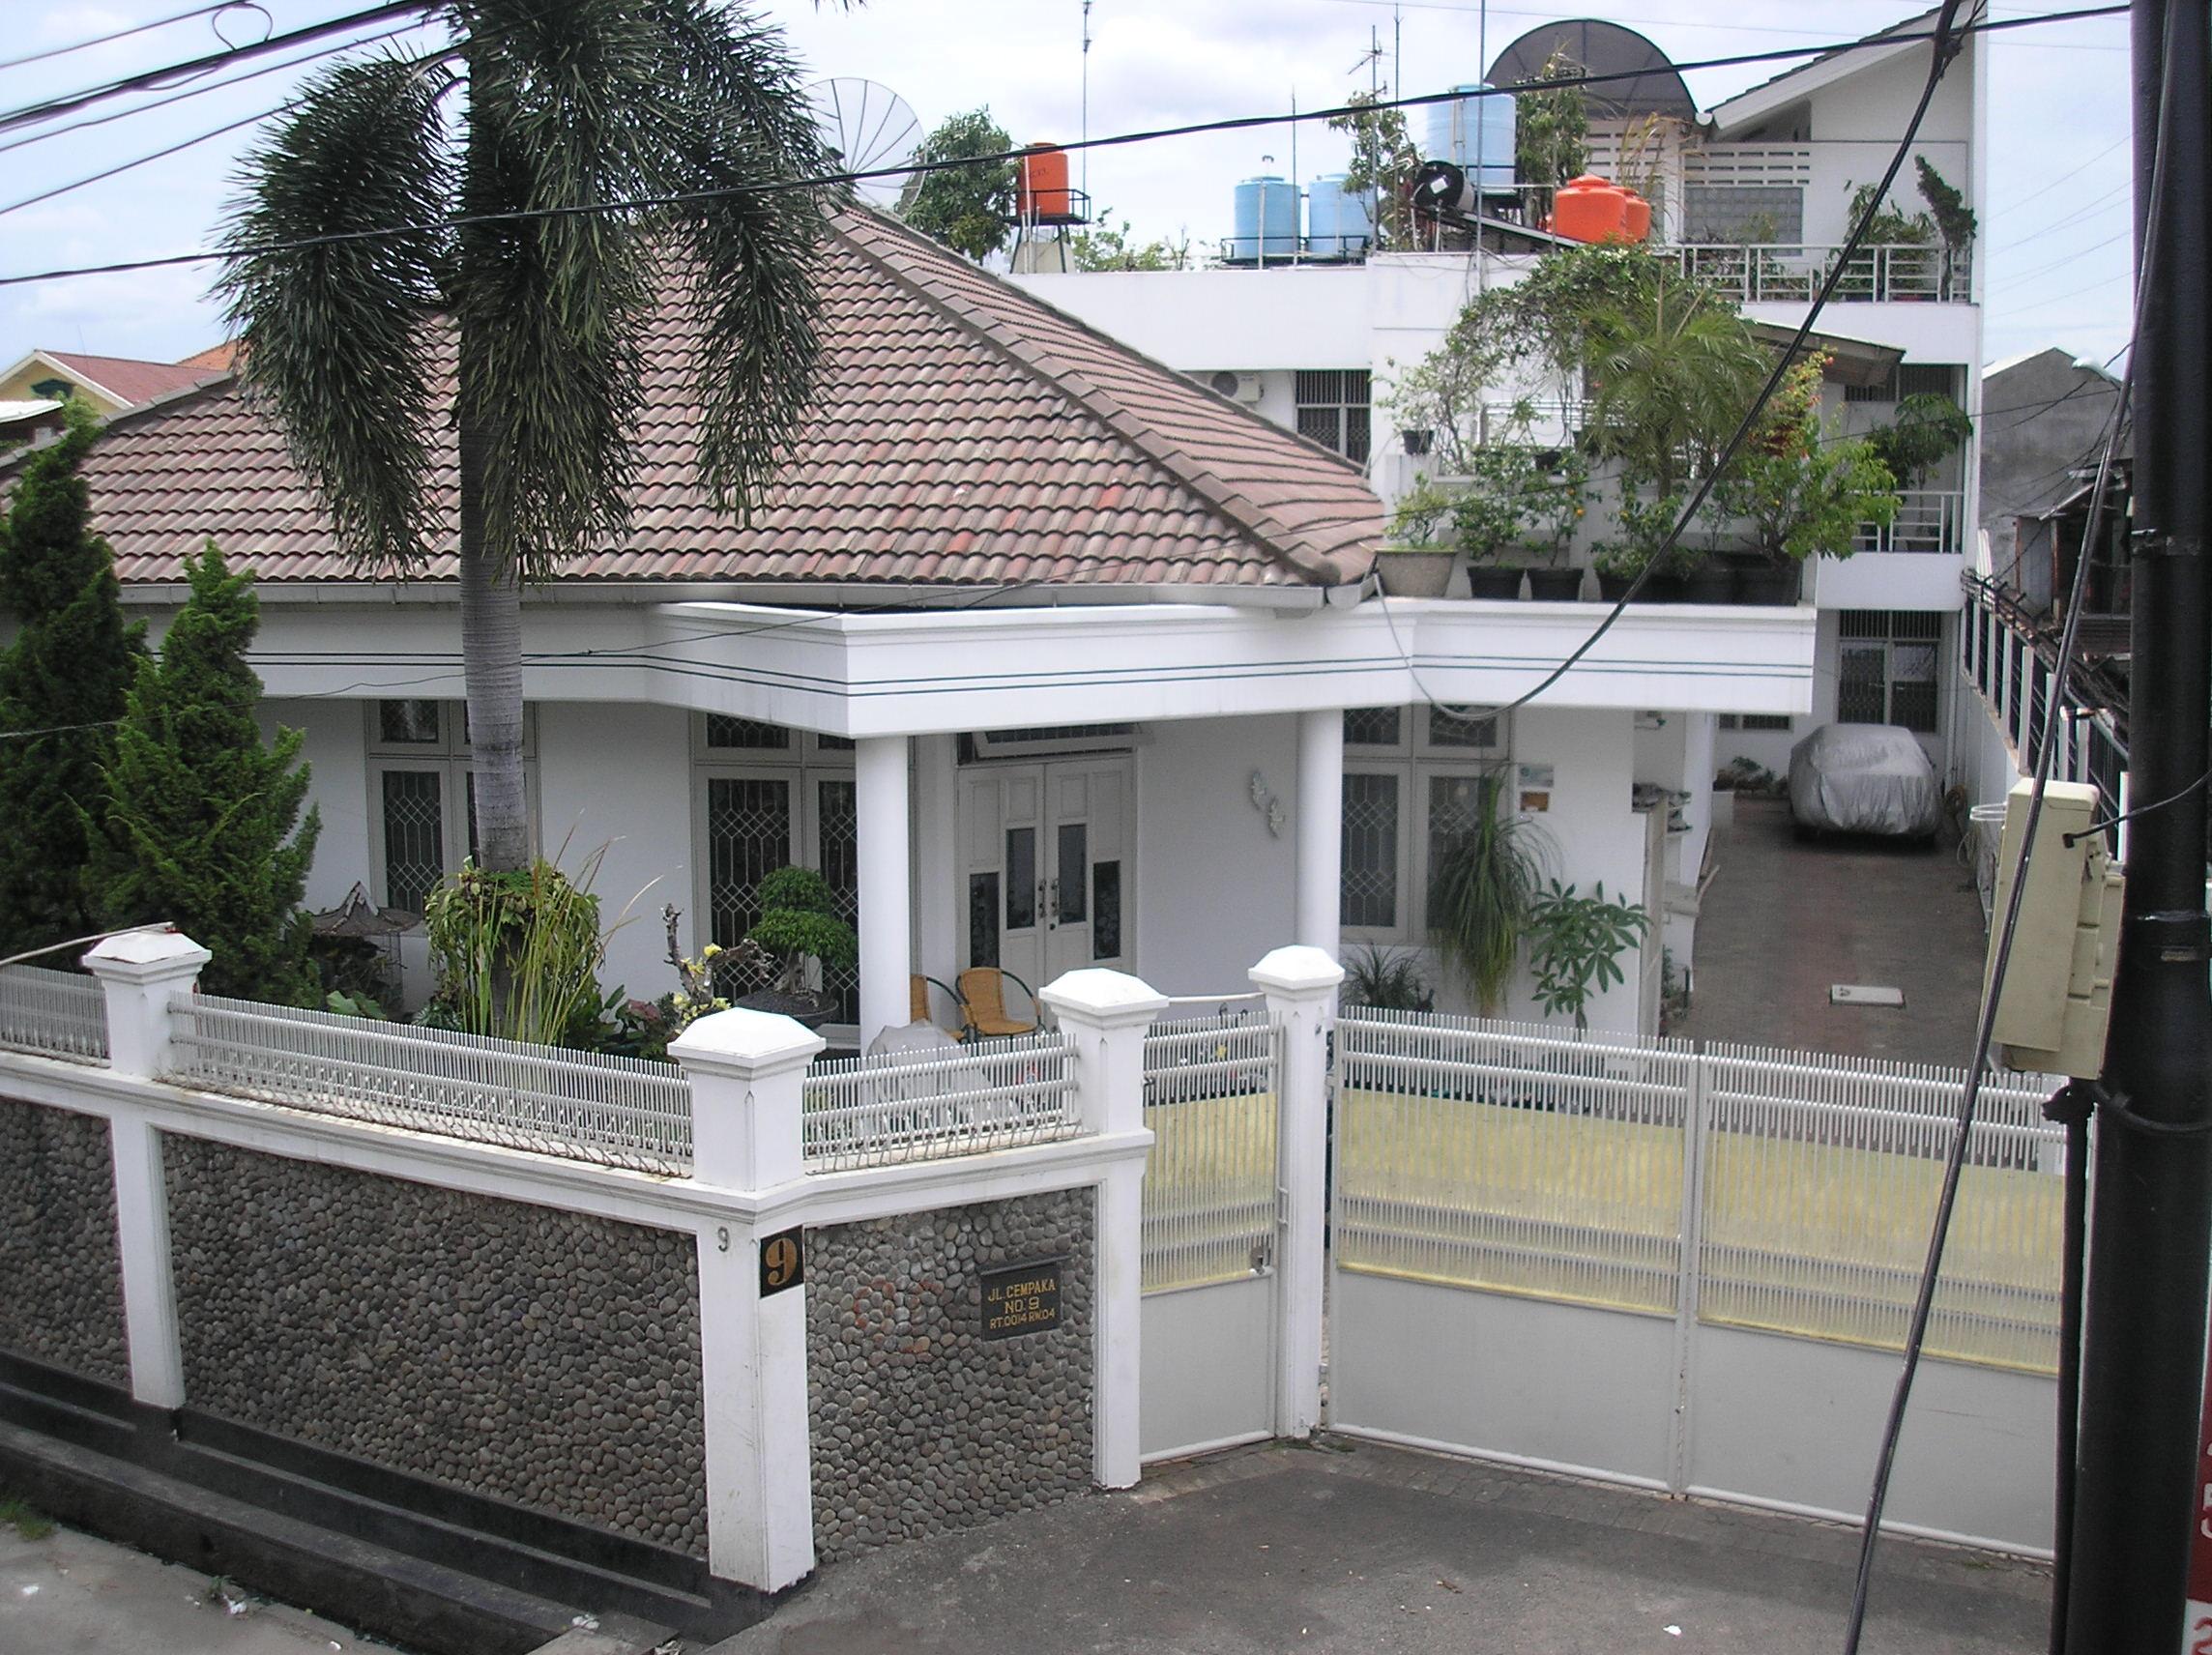 Foto: Kost Untuk Pria Di Cempaka Putih Barat – Jakarta Pusat